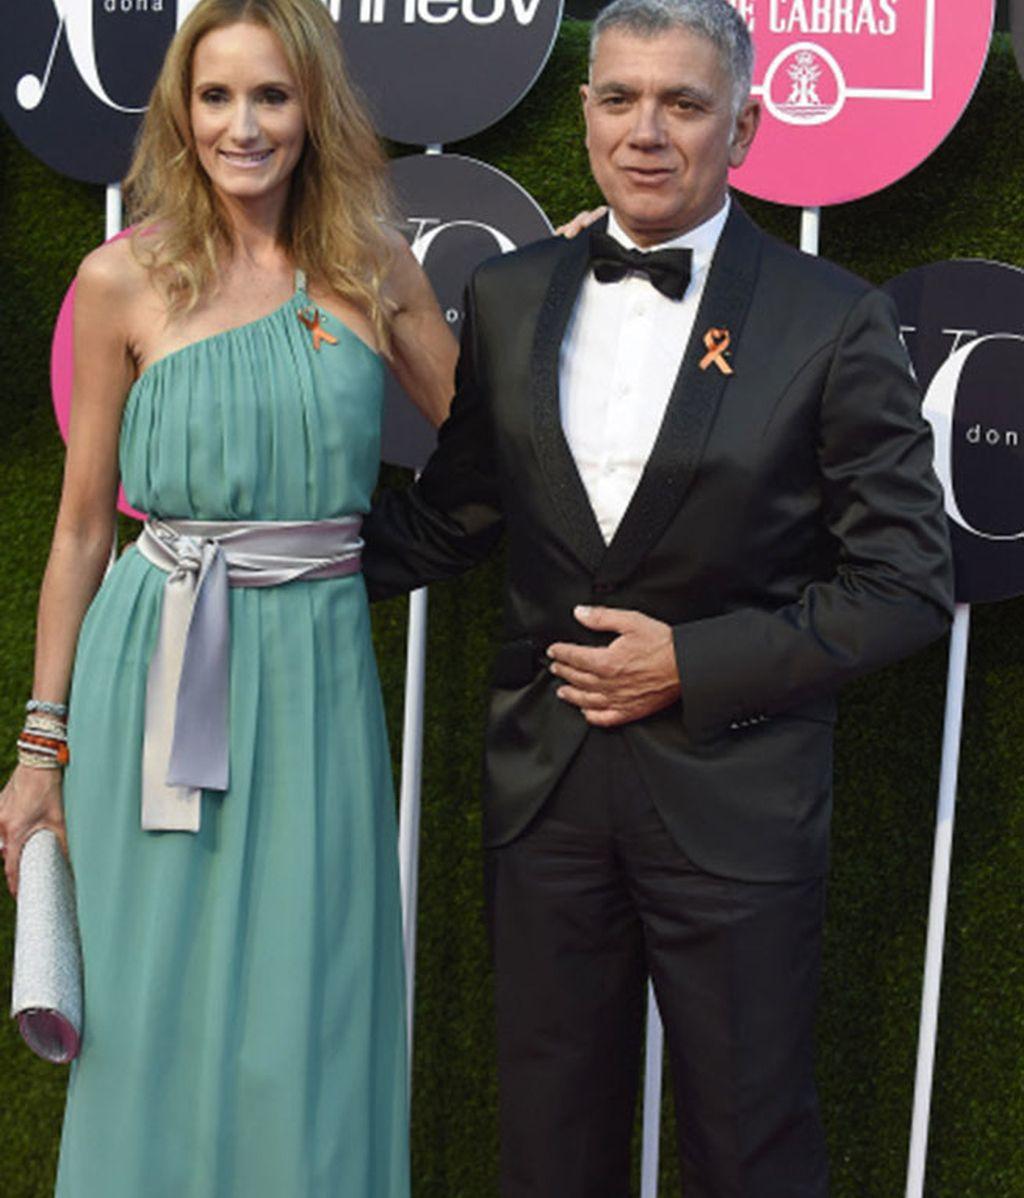 El periodista Juan Ramón Lucas y la ex modelo Sandra Ibarra a su llegada